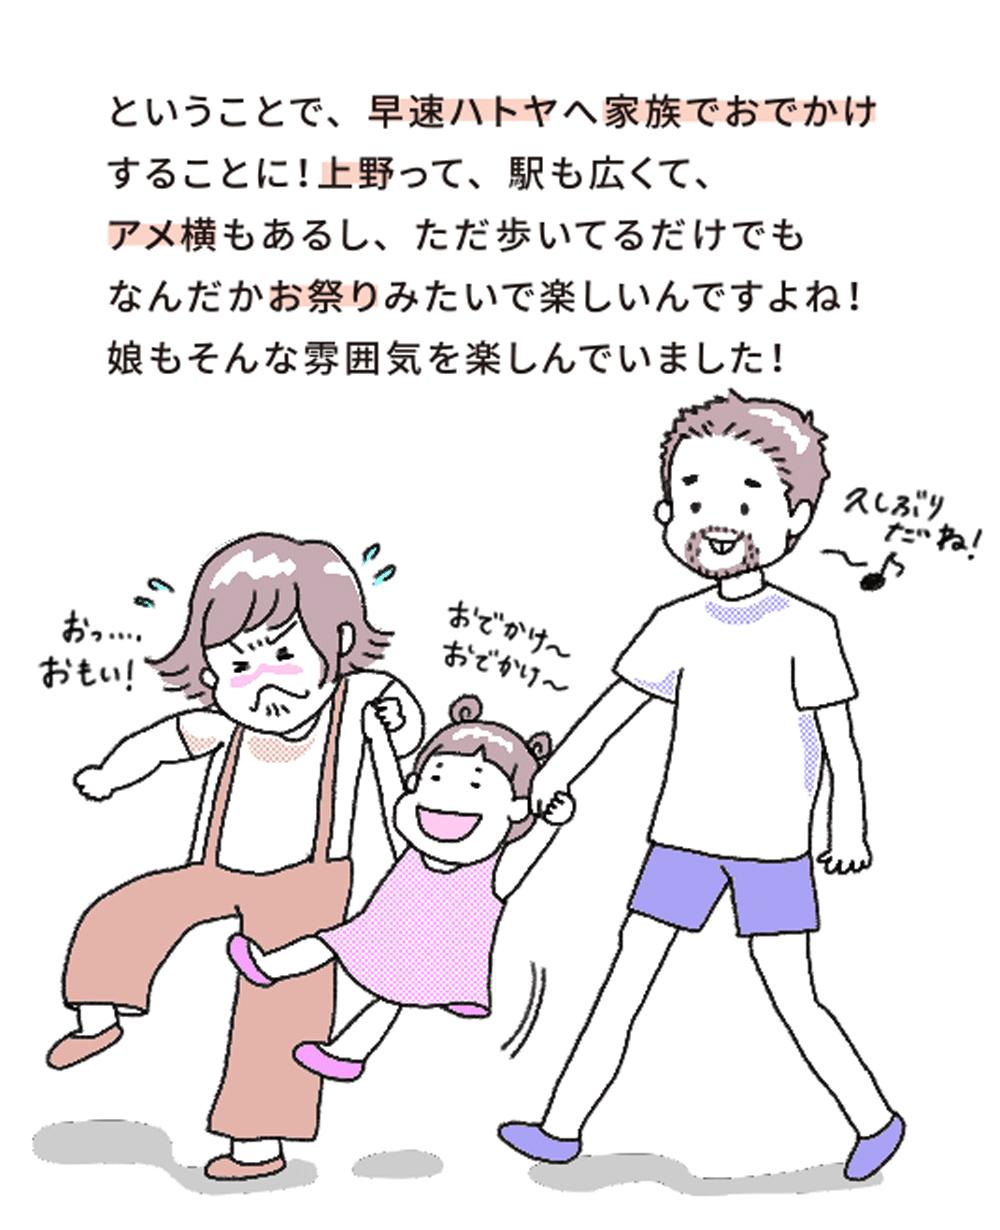 ということで、早速ハトヤへ 家族でおでかけすることに!上野って、駅も広くて、アメ横もあるし、ただ歩いてるだけでもなんだかお祭りみたいで楽しいんですよね!娘もそんな雰囲気を楽しんでいました!